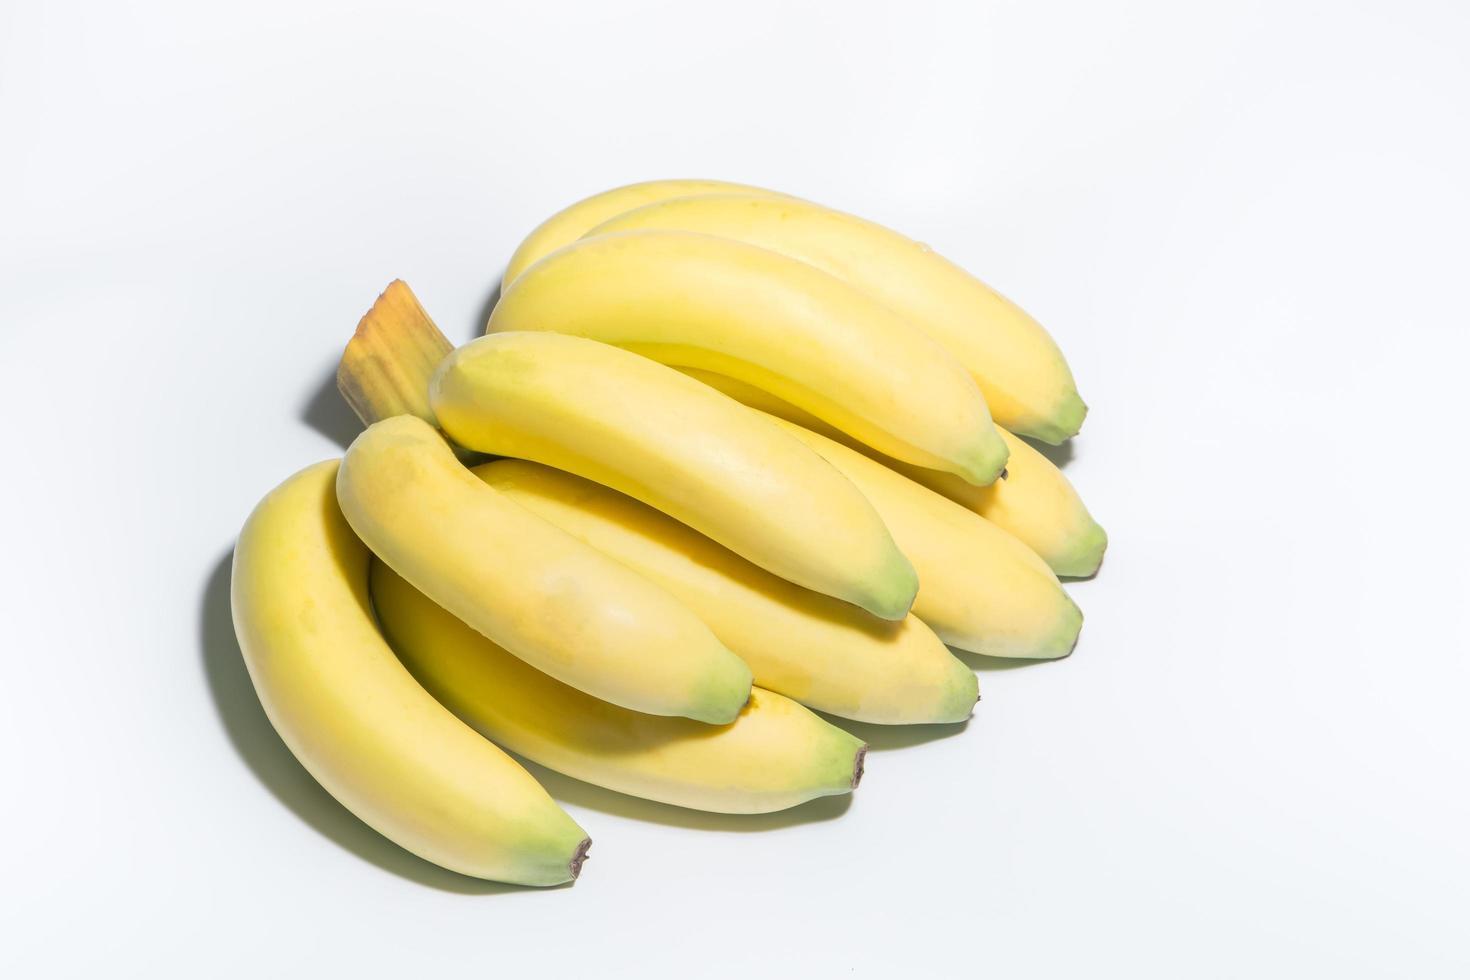 banane su sfondo bianco foto